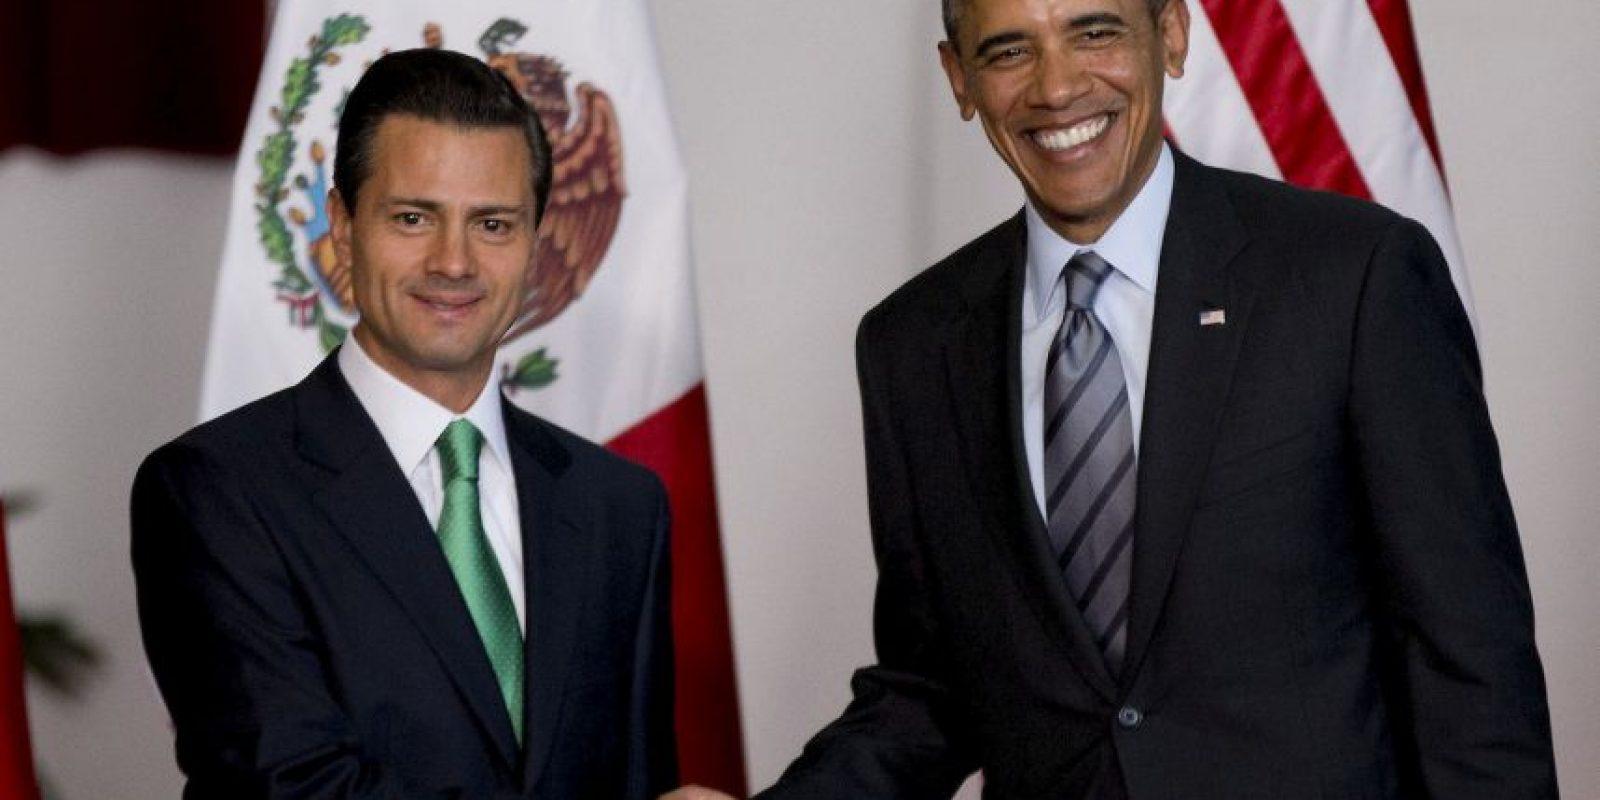 """El presidente mexicano ofreció """"toda la disposición y colaboración"""" en el mejoramiento de la relación de Estados Unidos y Cuba. Foto:AP"""